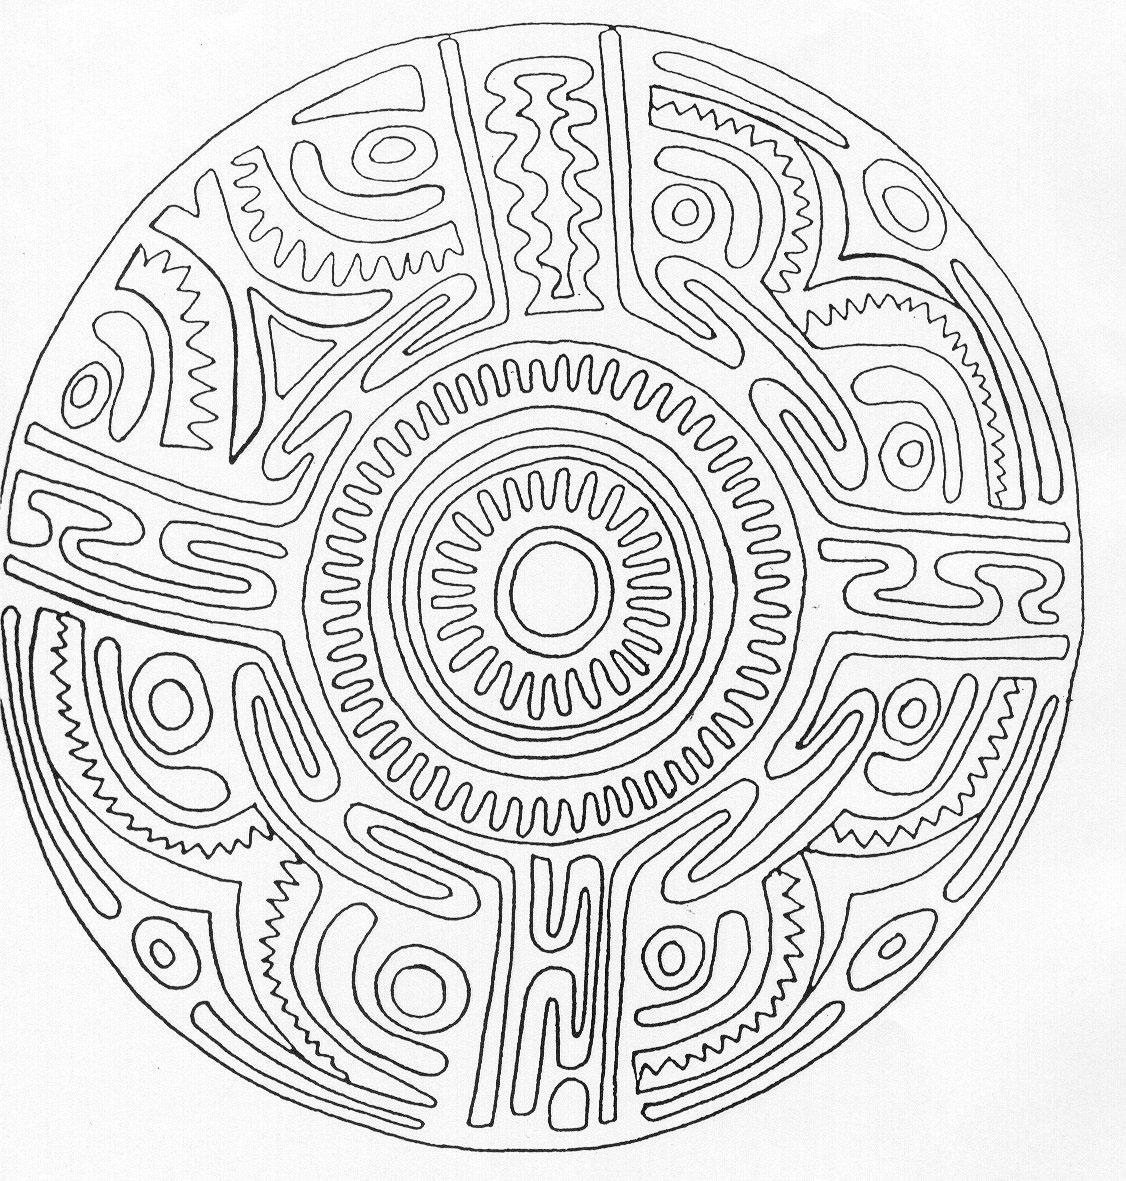 Coloriage Mandala Difficile - Les Beaux Dessins De Meilleurs destiné Dessiner Un Mandala